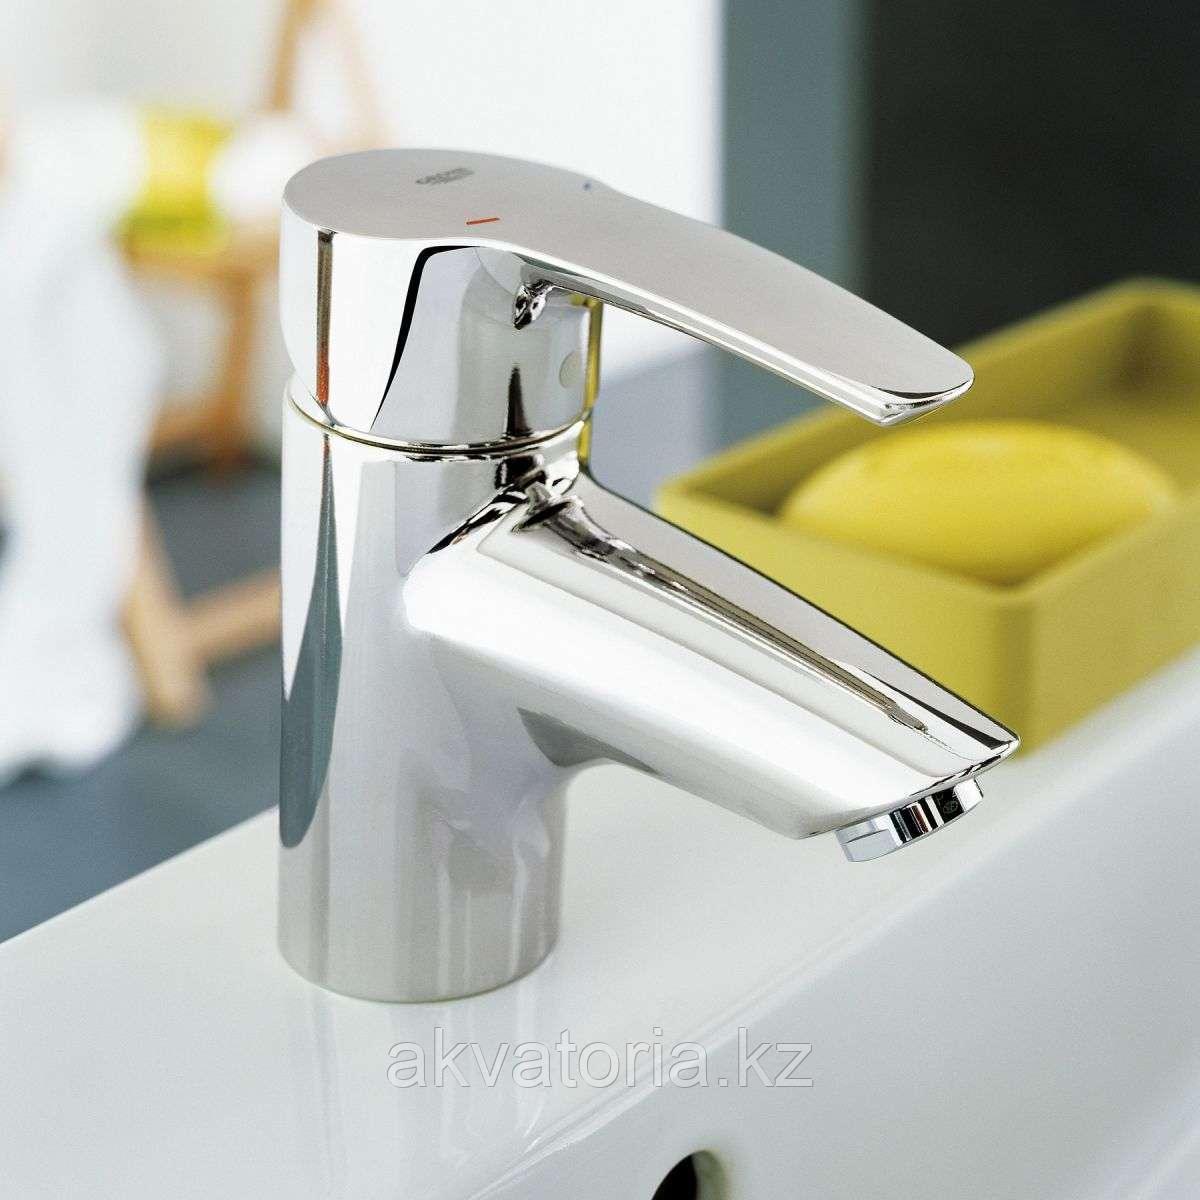 33552001 Eurostyle New basin сместитель для раковины